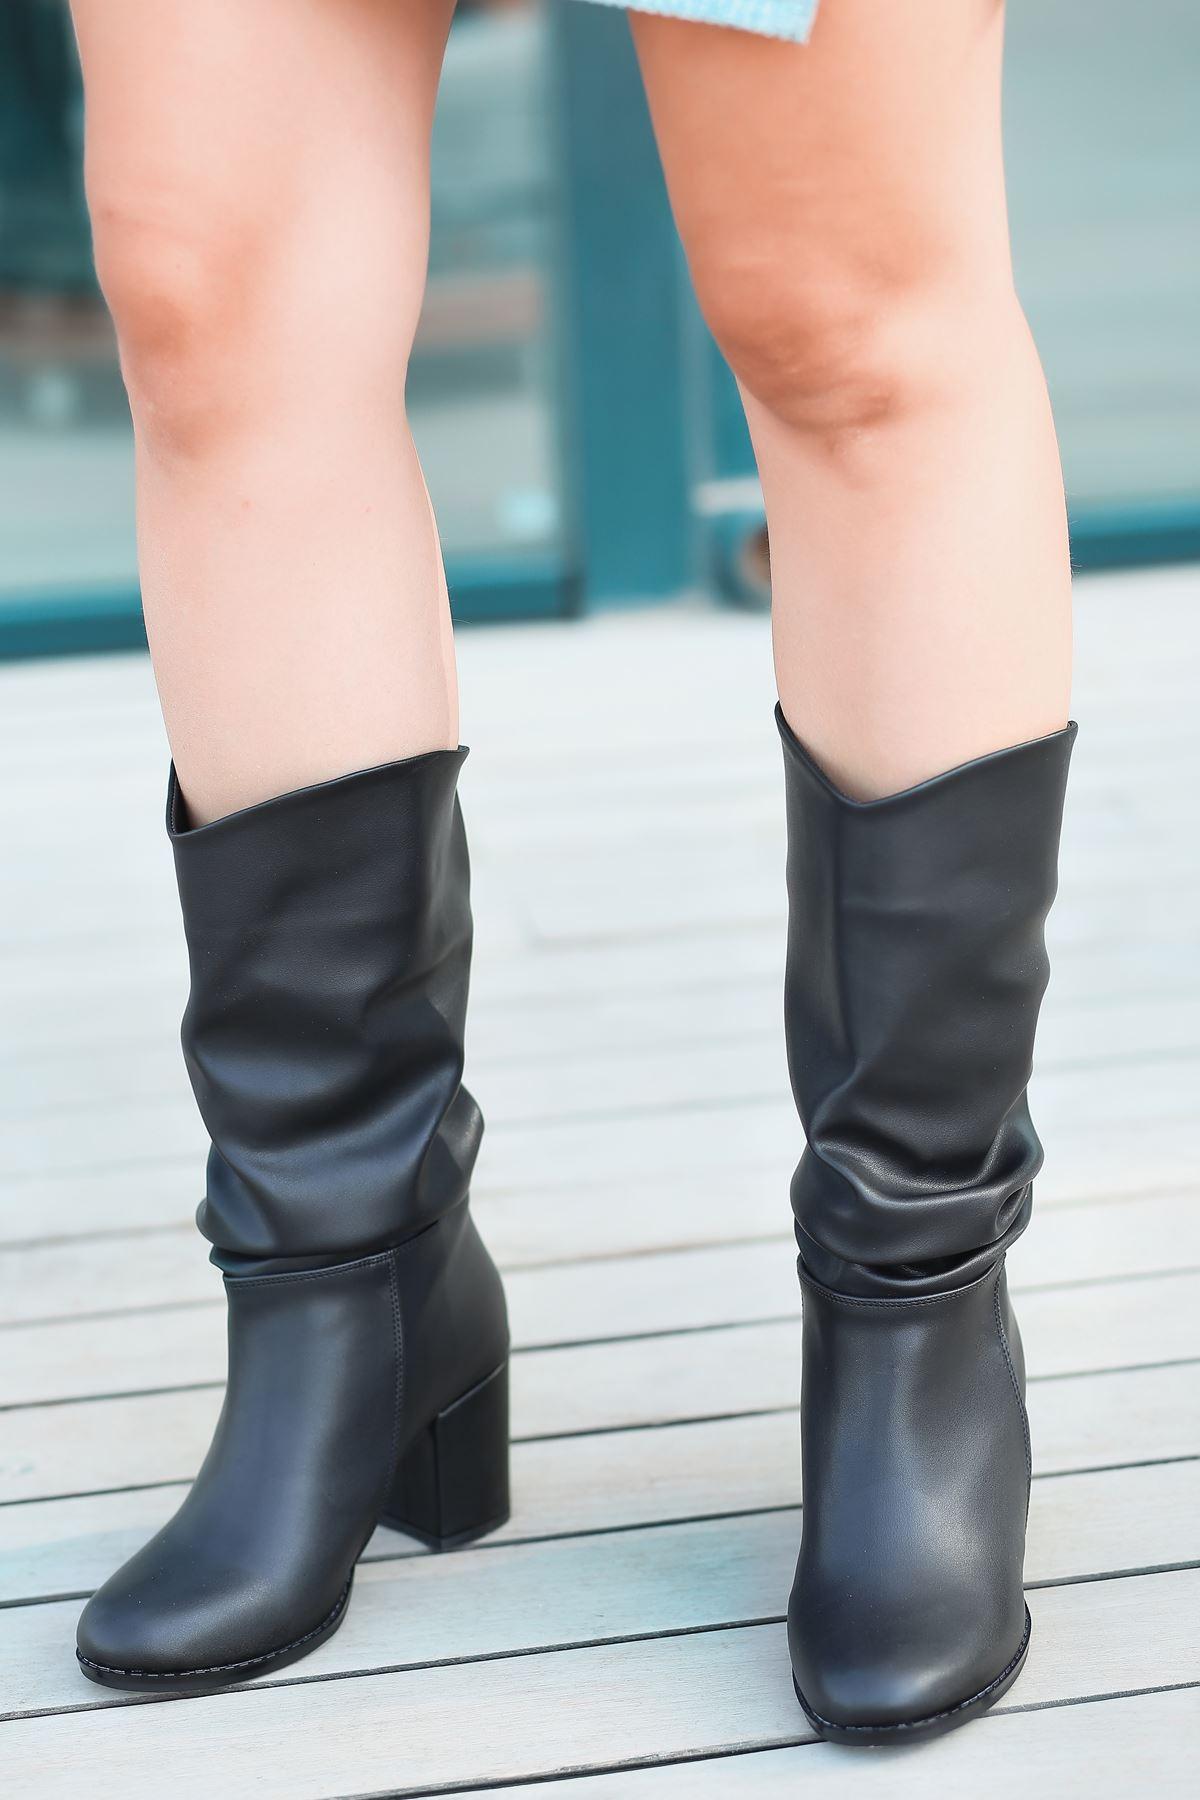 Vivo Körüklü Yüksek Topuklu Siyah Kadın Çizme